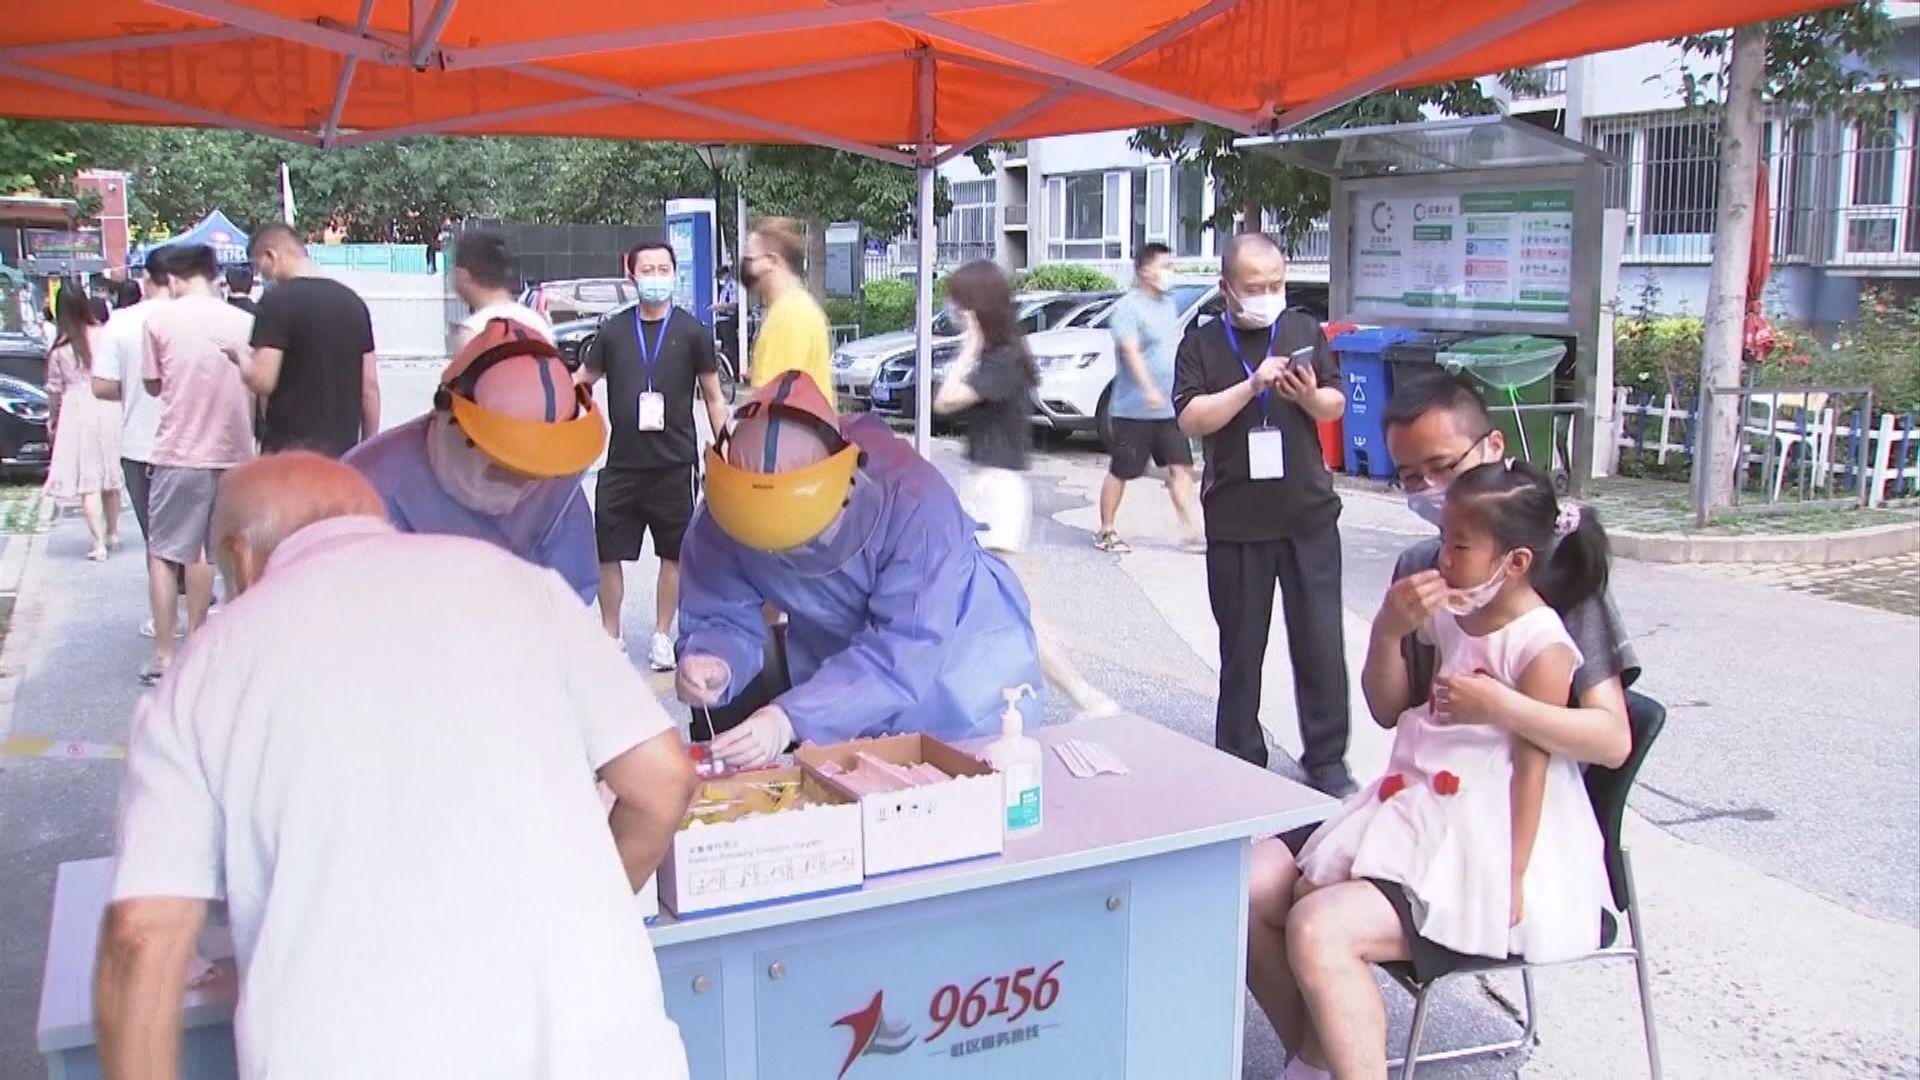 內地新增近百宗新冠病毒確診 本土病例佔55宗